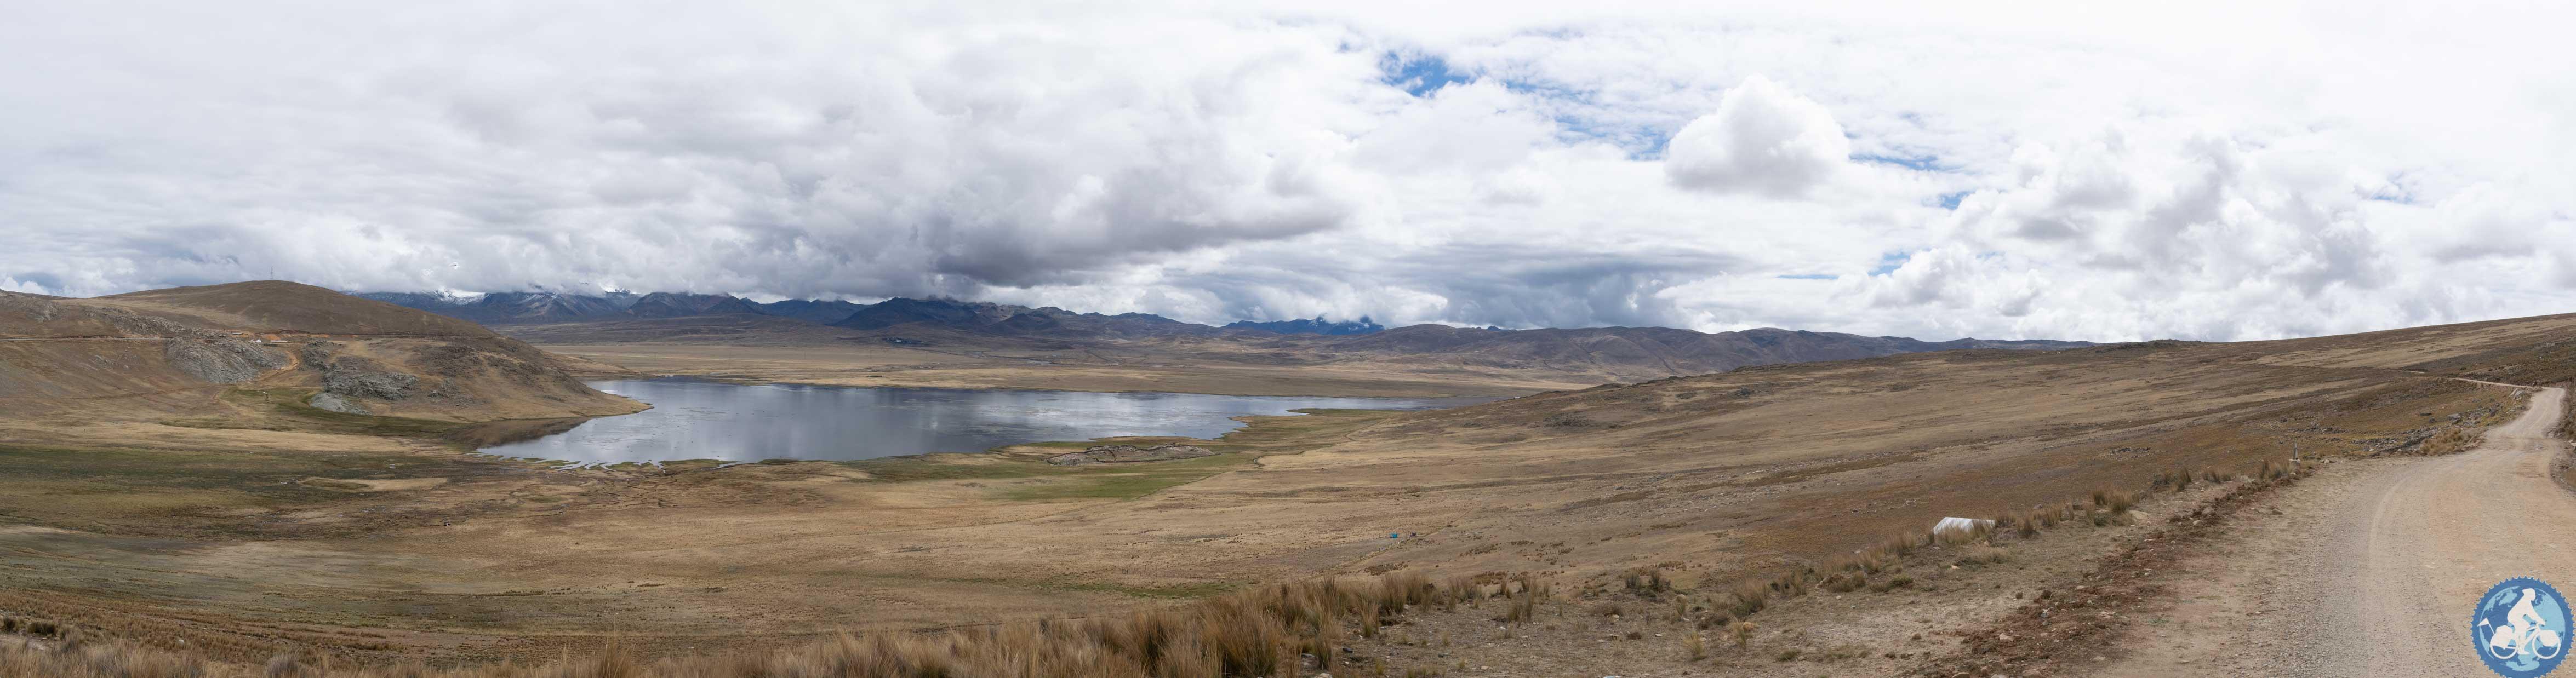 Peru Laguna